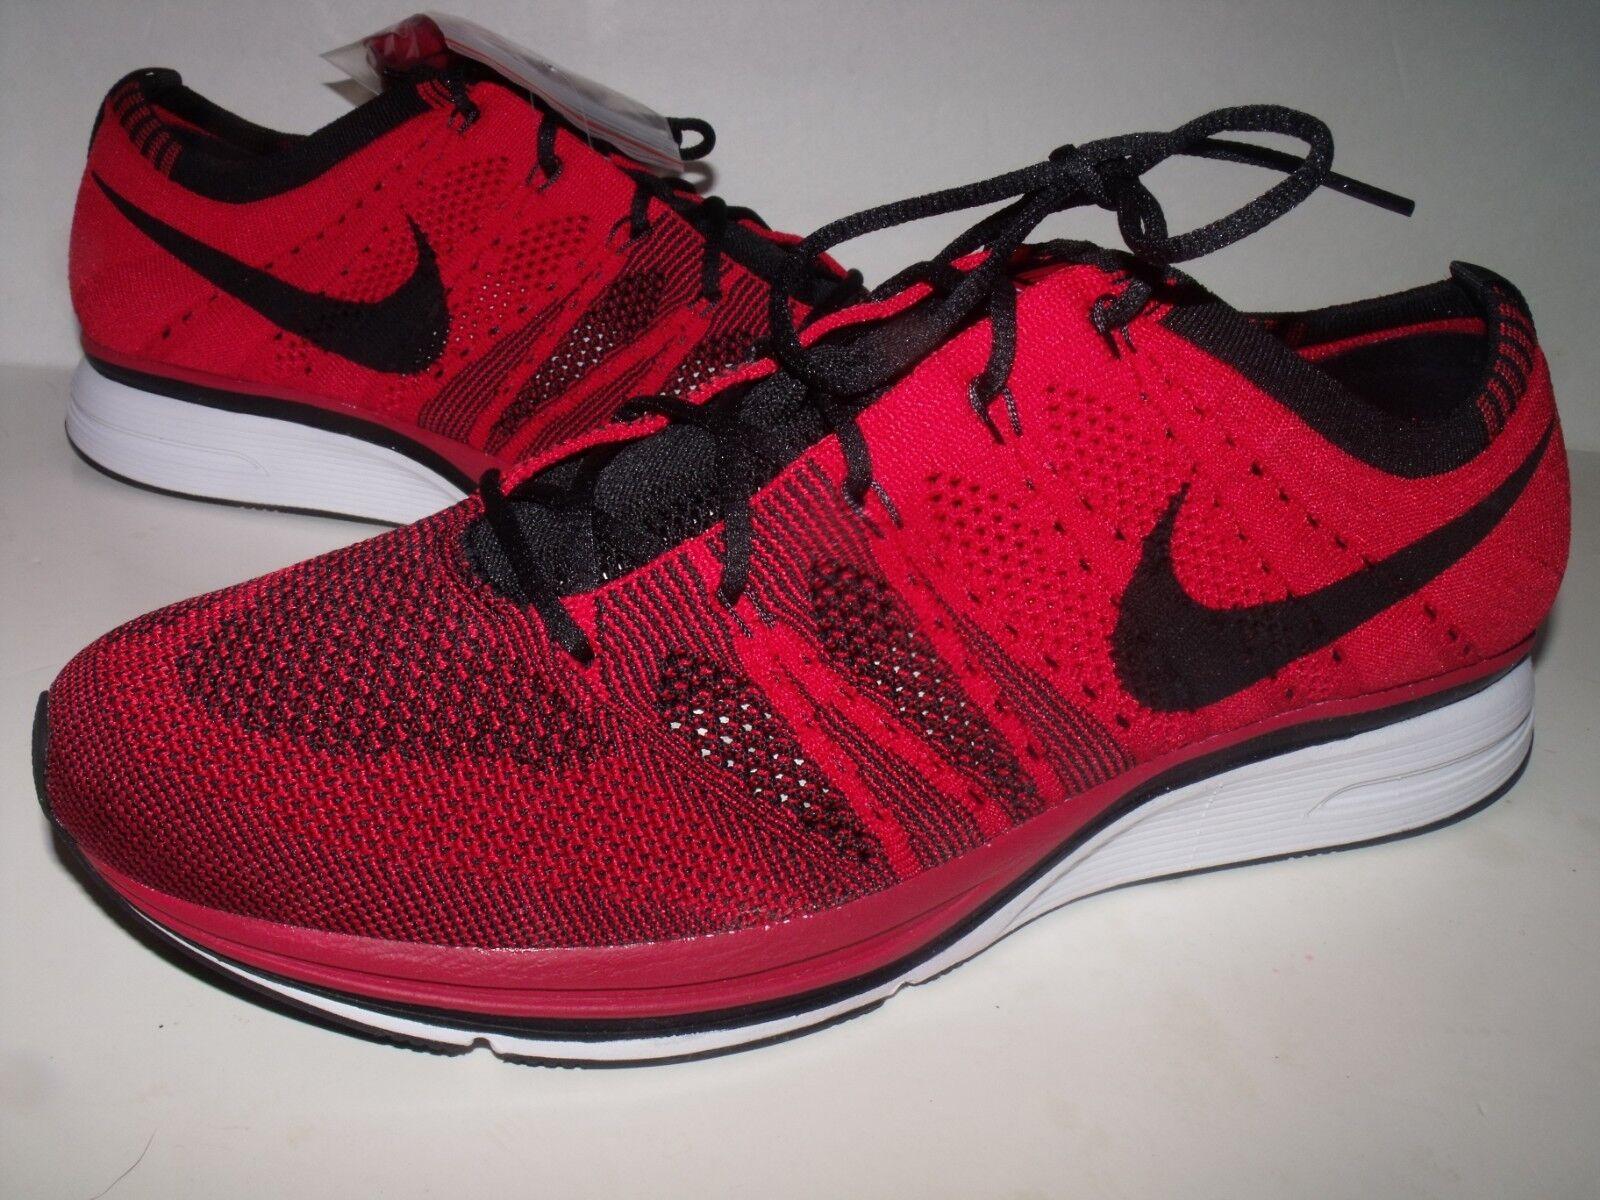 Nike Flyknit Trainer Uomo Casual Training scarpe (rosso nero) NEW NEW NEW Uomo Sz 9.5 00eeeb